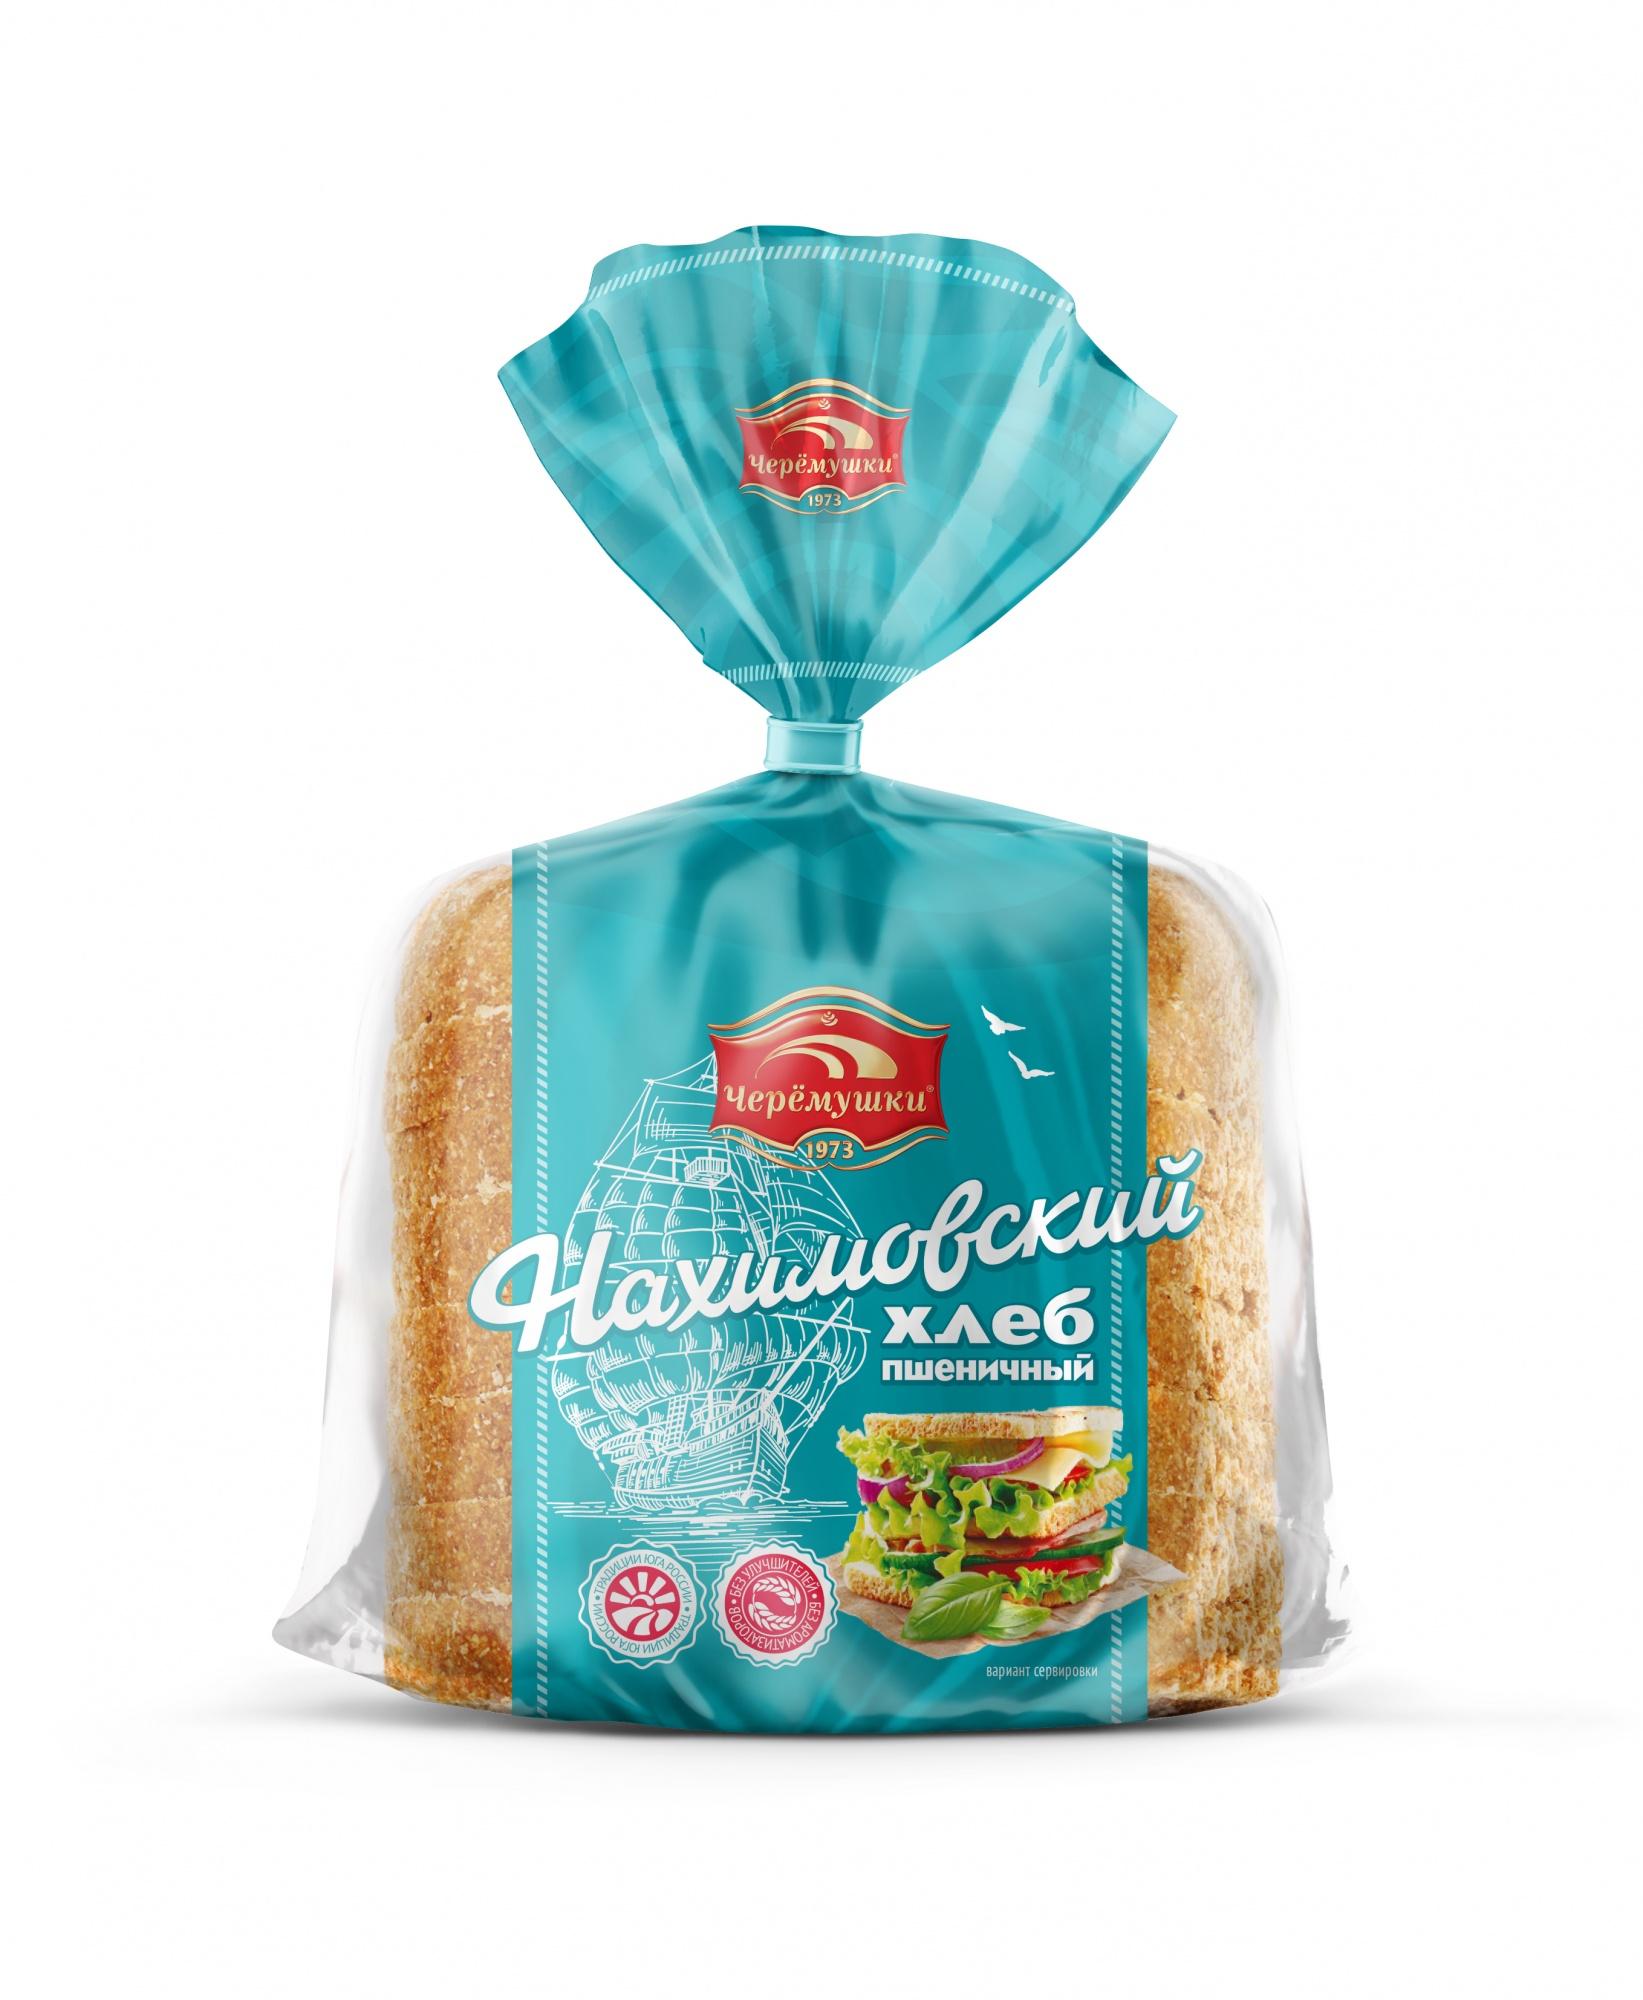 Хлеб Нахимовский в нарезку 290г Черемушки